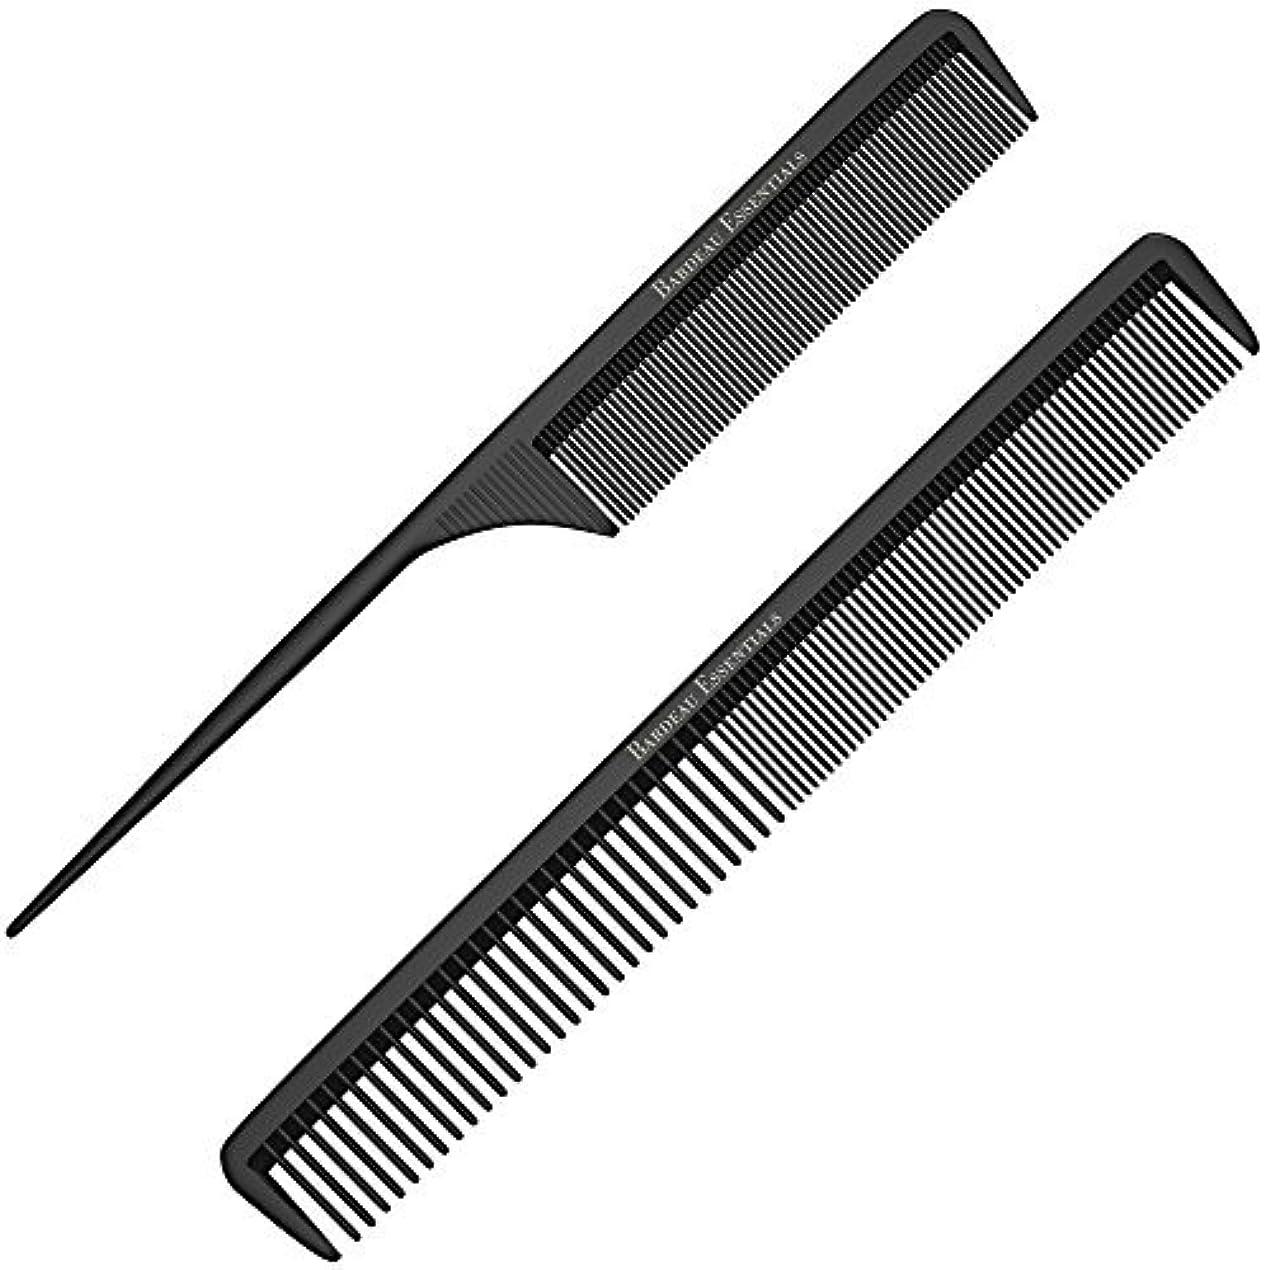 ナース軽蔑する欺Styling Comb and Tail Comb Combo Pack   Professional 8.75  Black Carbon Fiber Anti Static Chemical And Heat Resistant...